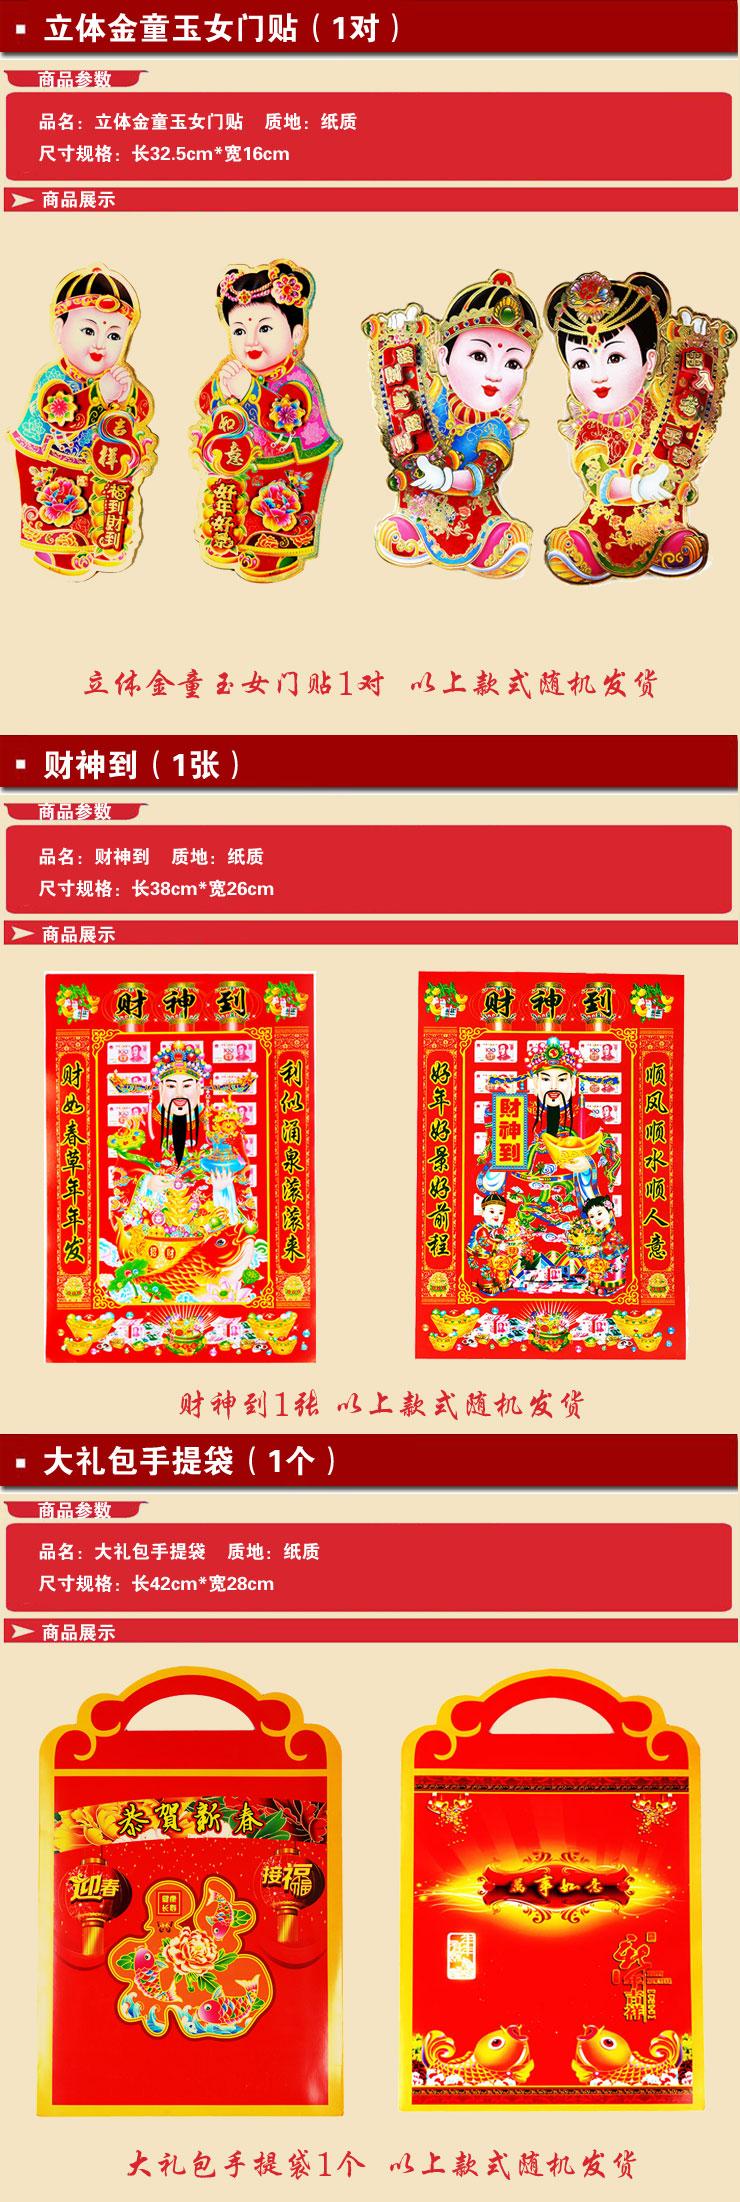 风水阁2015羊年大师手绘福春节年货礼品福字剪纸福贴